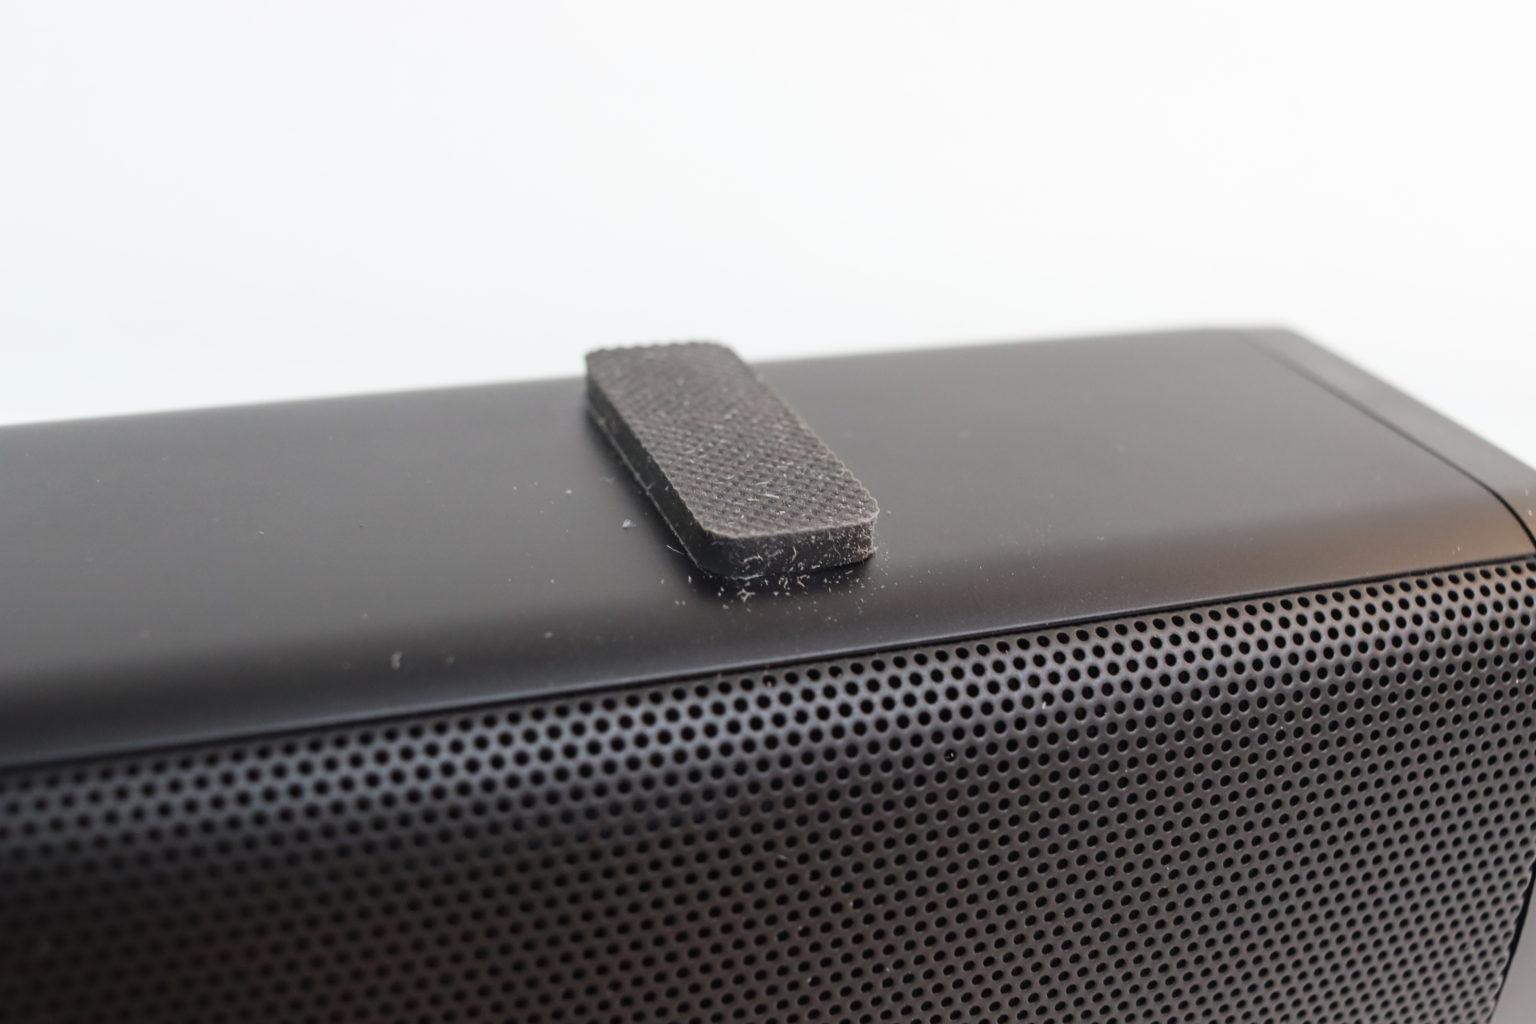 pies para colocar la Barra de sonido para la televisión Redmi TV Soundbar sobre un mueble